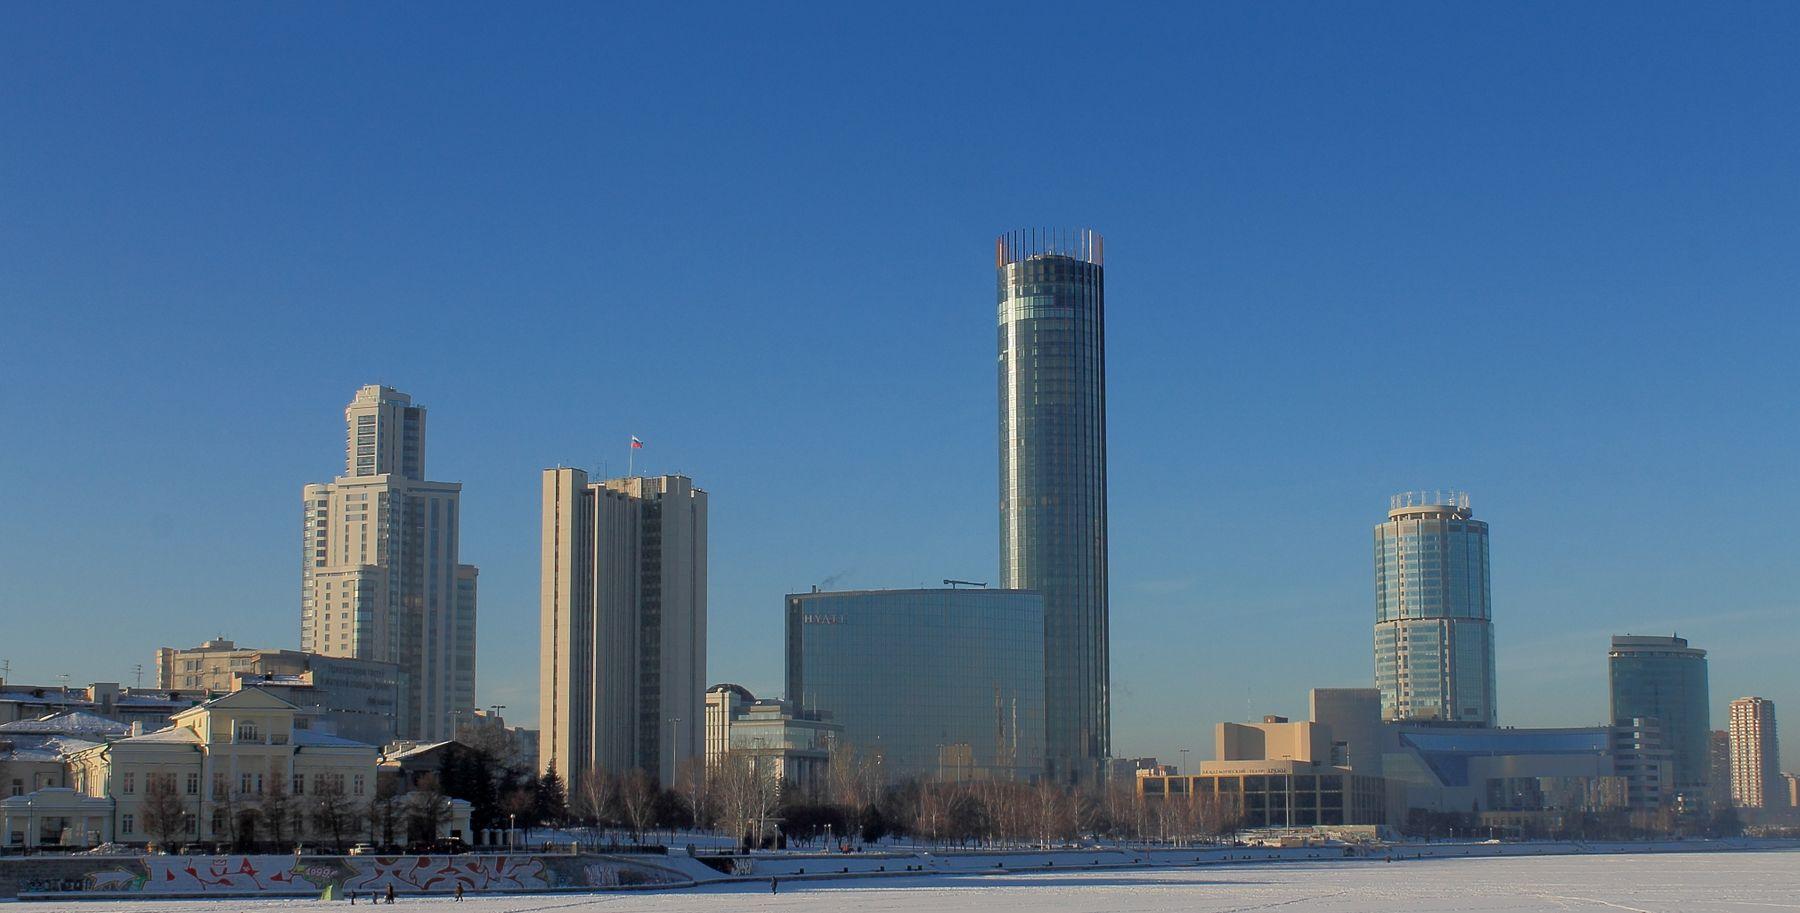 Екатеринбург екатеринбкрг